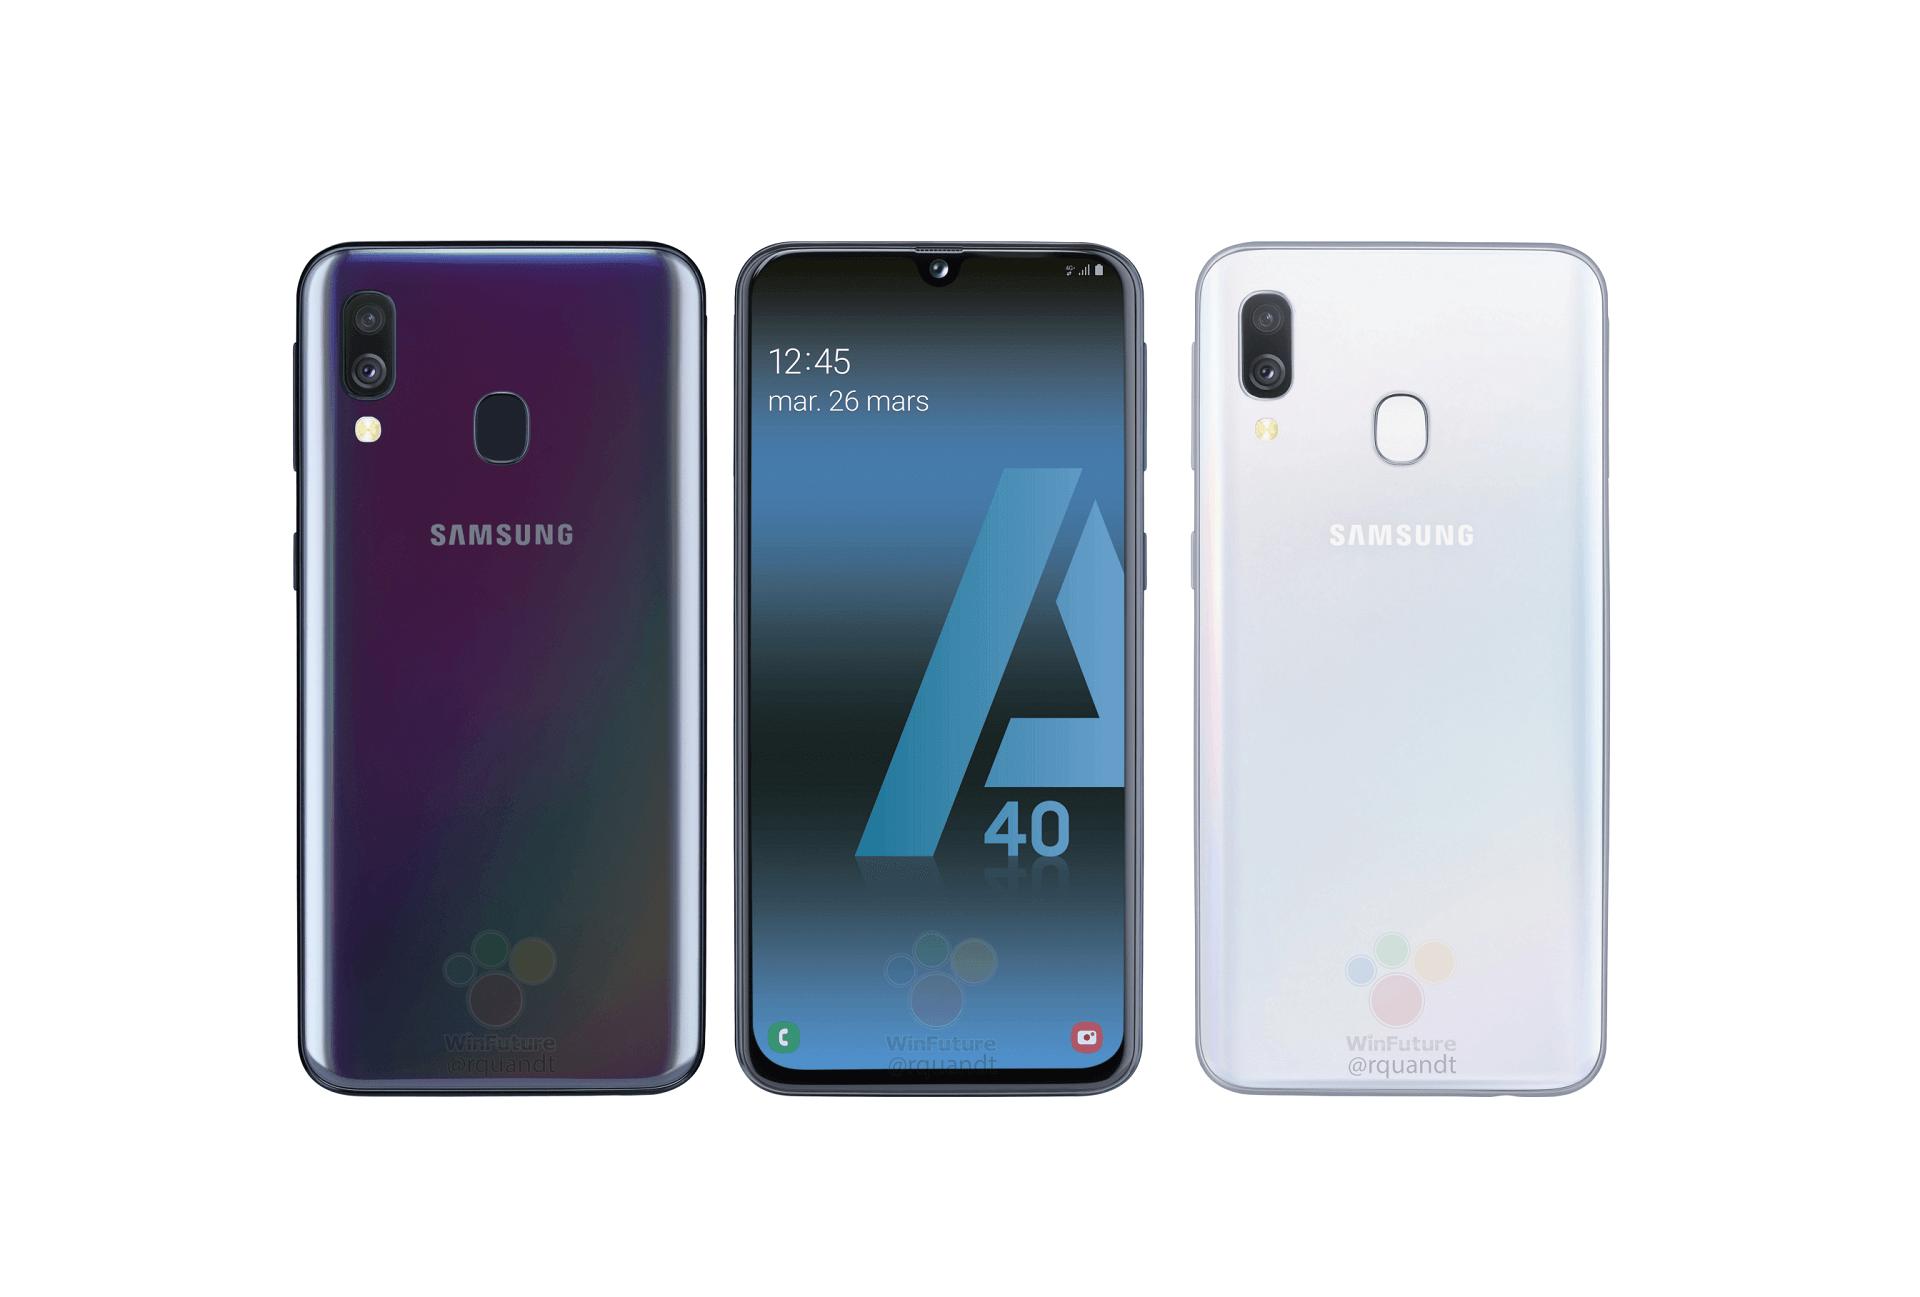 Samsung-Galaxy-A40-Nun-auch-vollst-ndiges-Datenblatt-geleakt